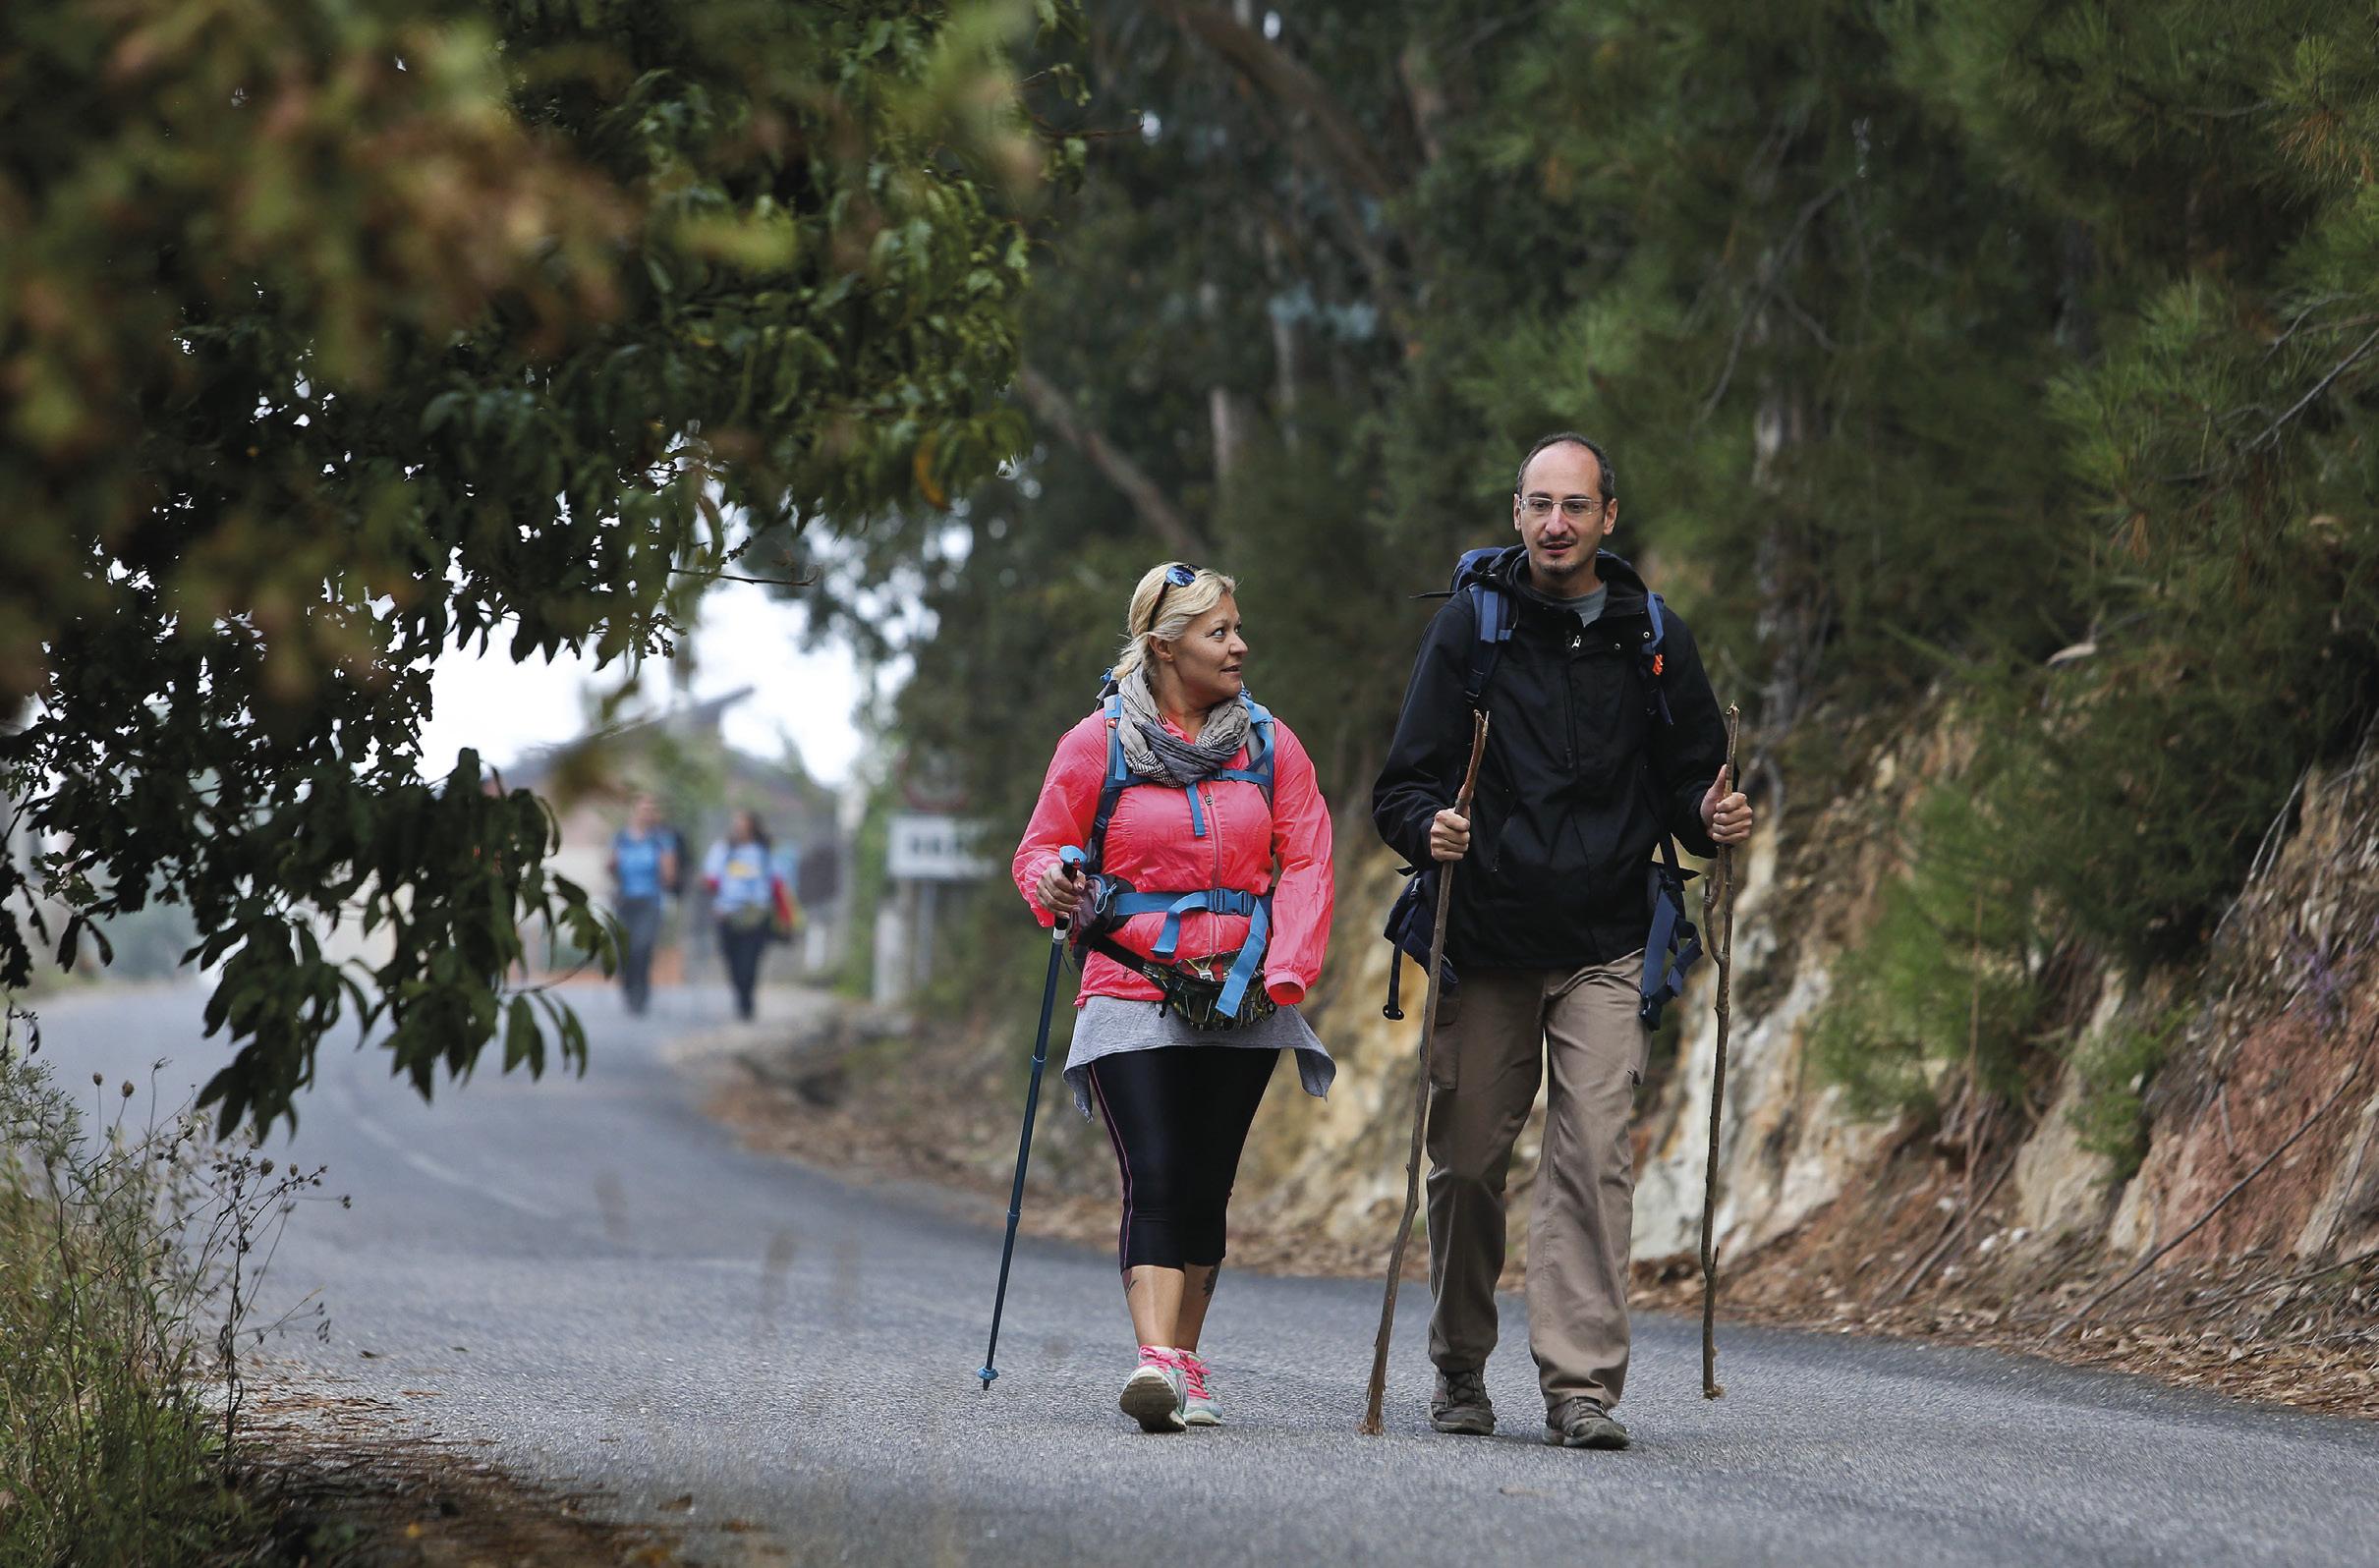 Peregrinos percorrem o caminho alternativo para Fátima apenas com uma mochila às costas, longe do stress e perigo da Estrada Nacional 1, Coimbra, 10 de outubro de 2016. PAULO NOVAIS/LUSA